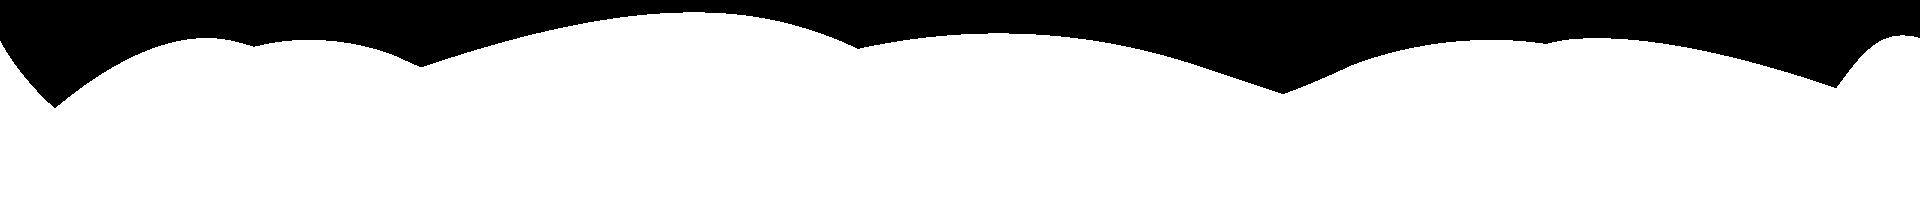 PNG-FIDATI.png